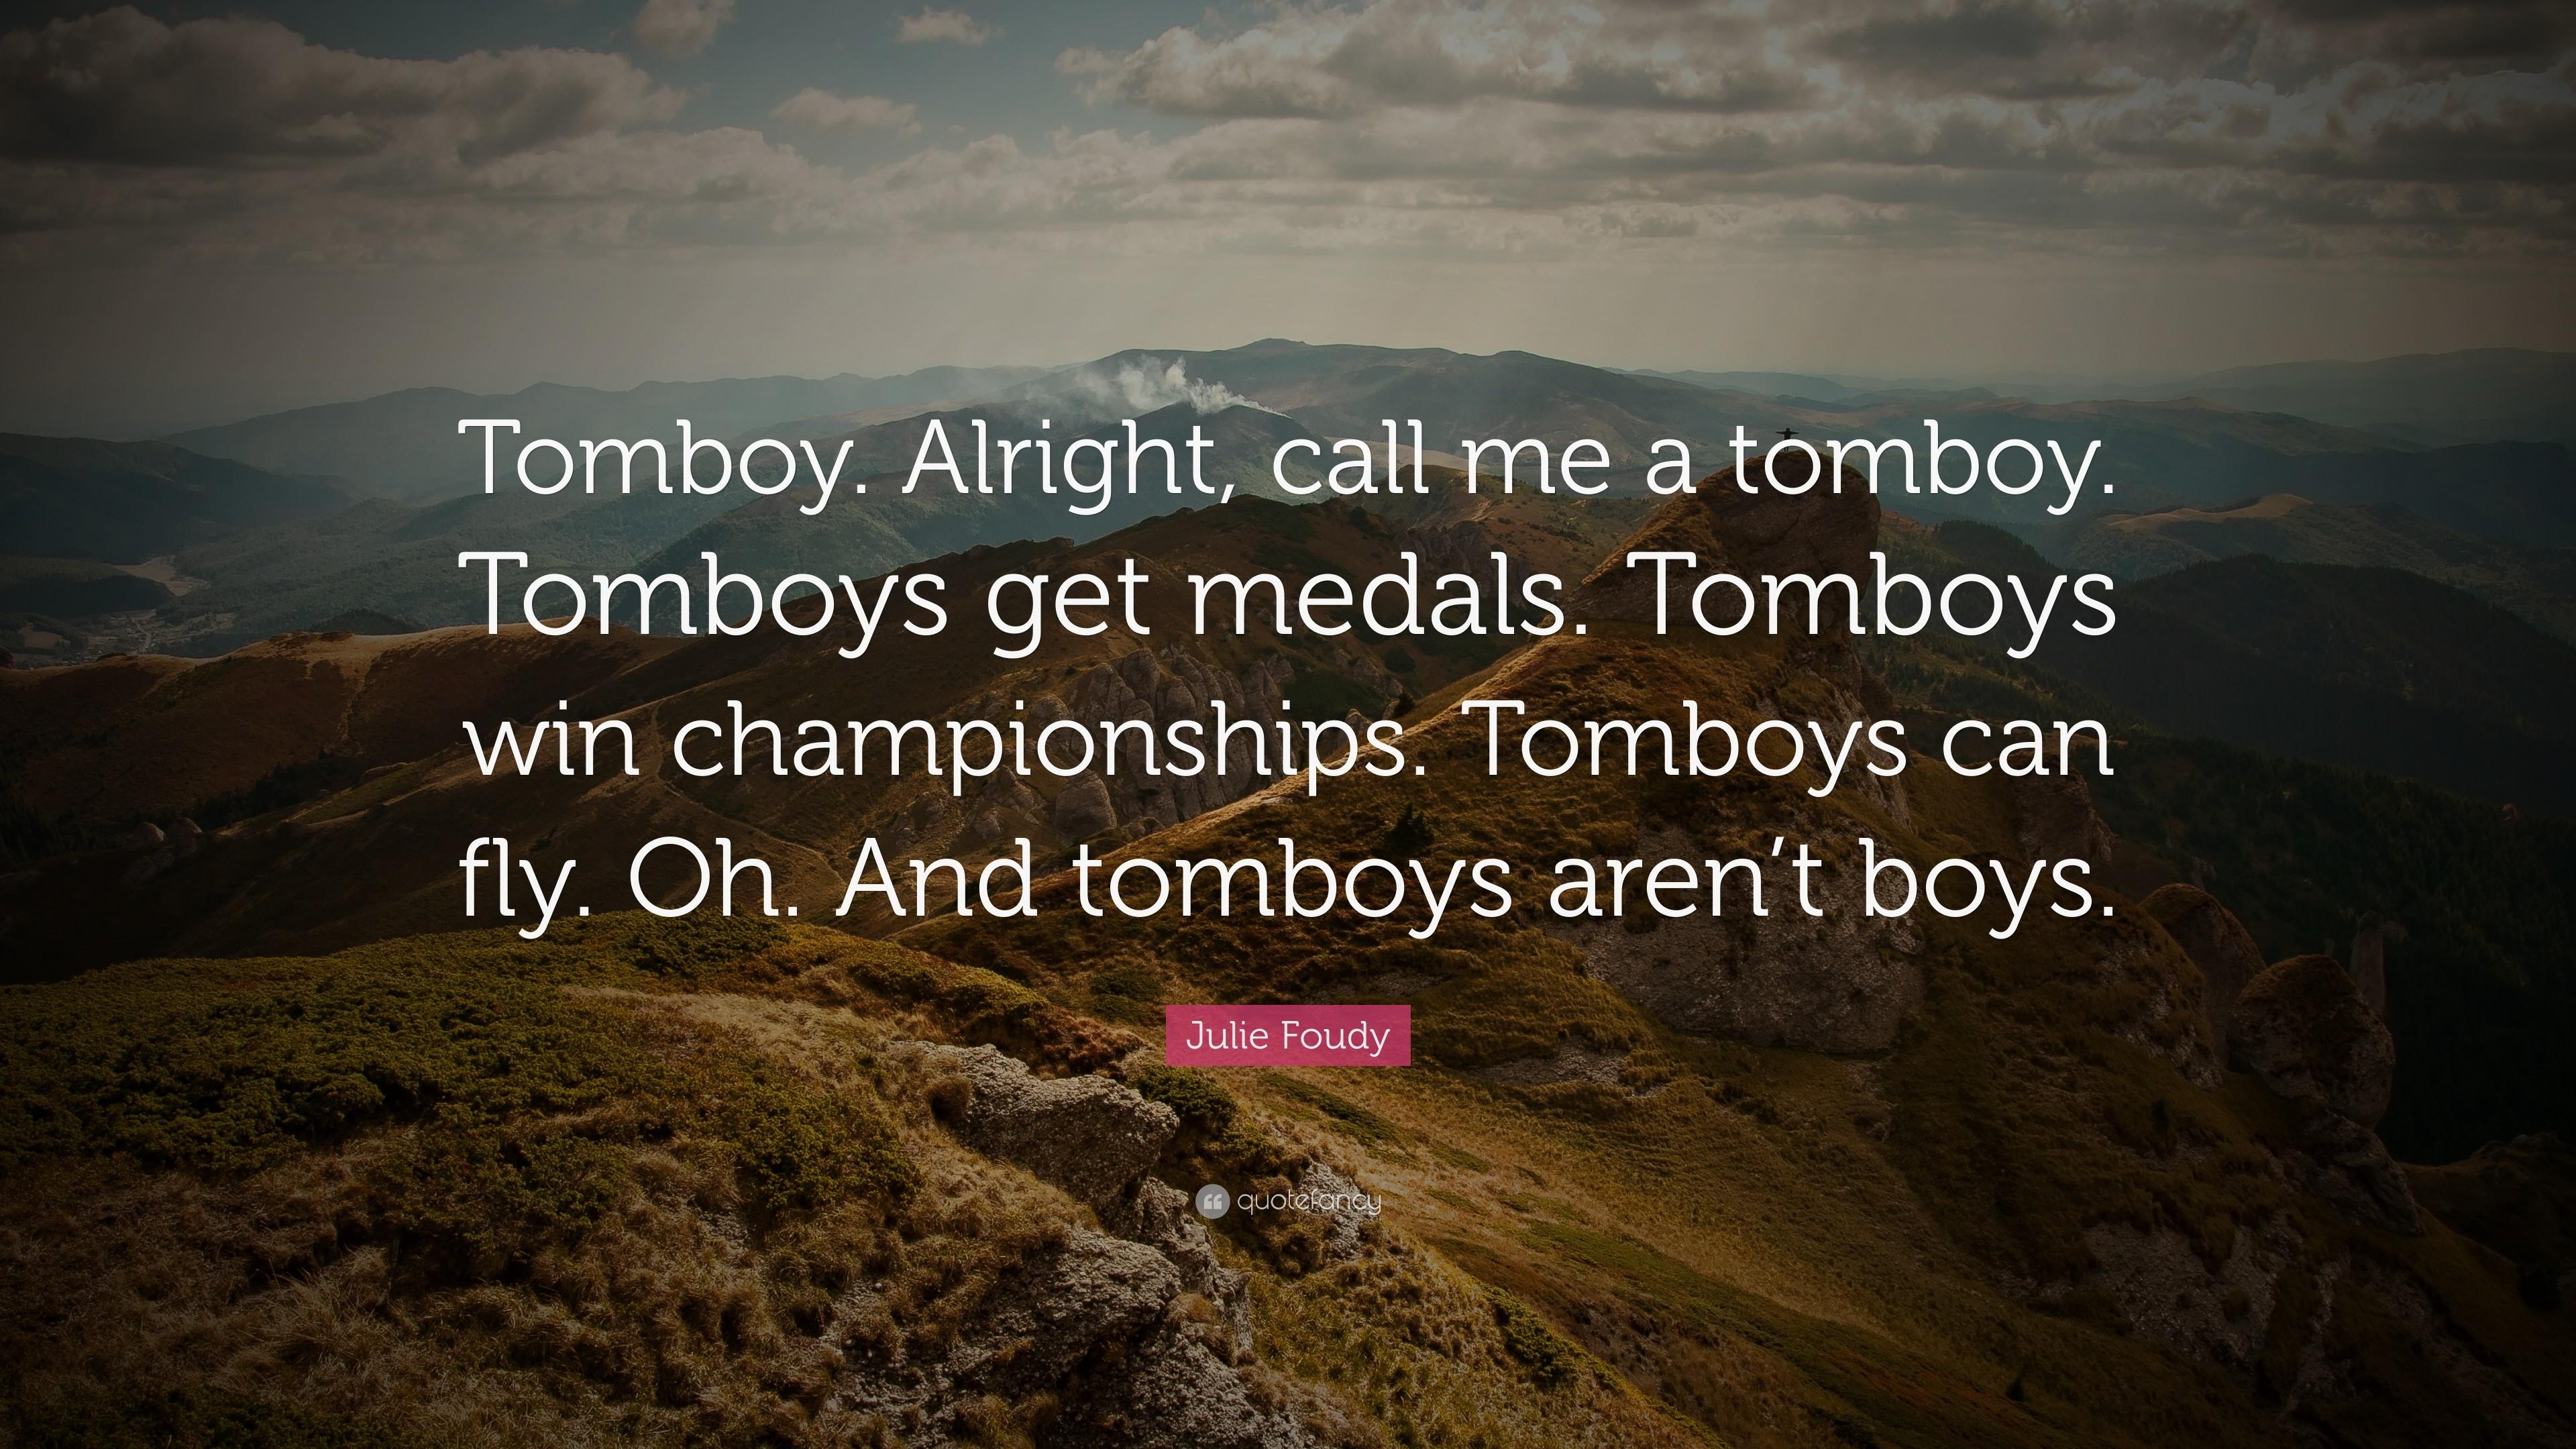 Tomboy Girl Wallpapers Tomboy Backgrounds 183 ①